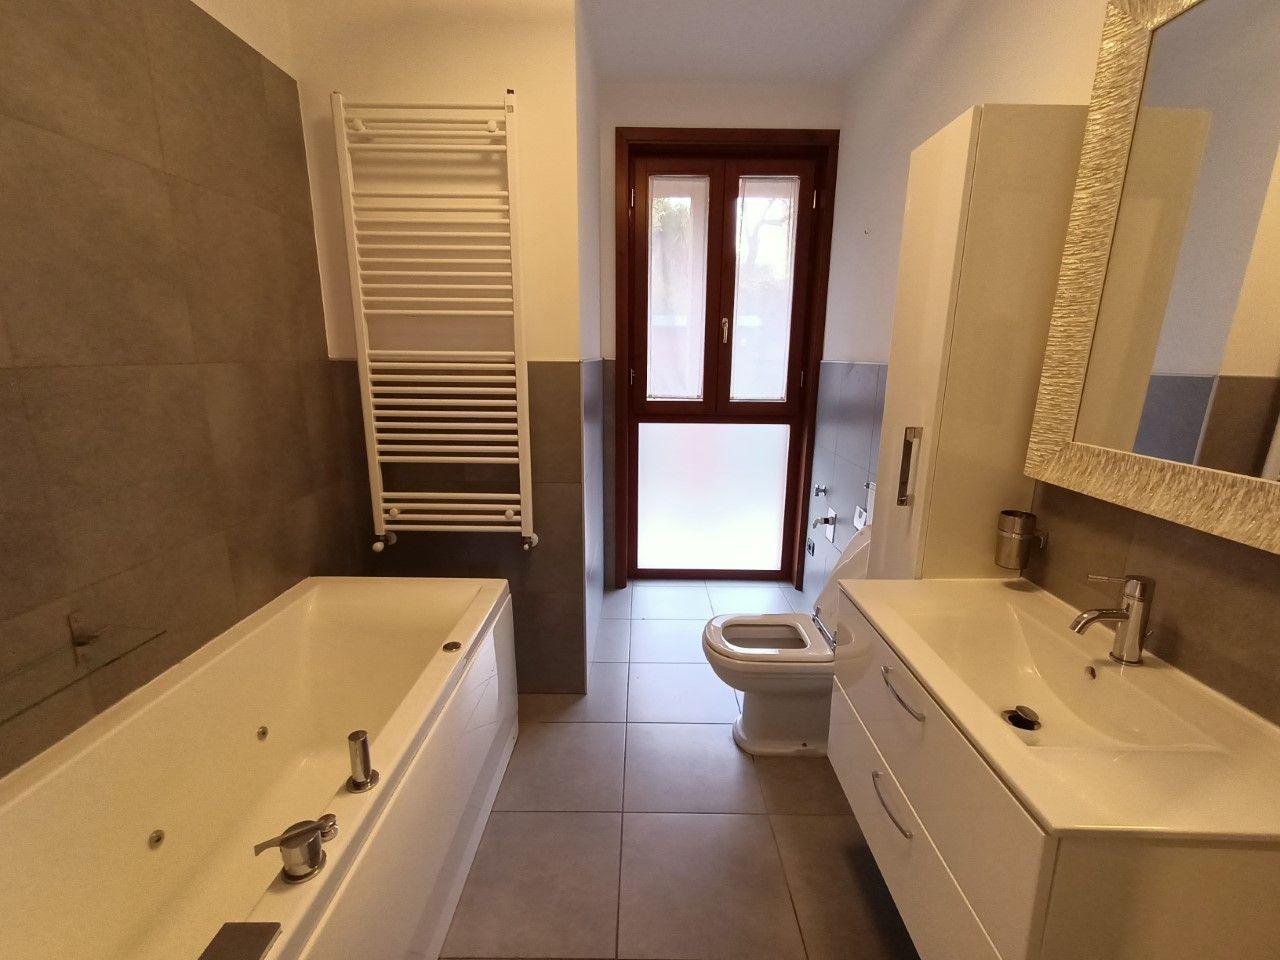 bagno n. 1